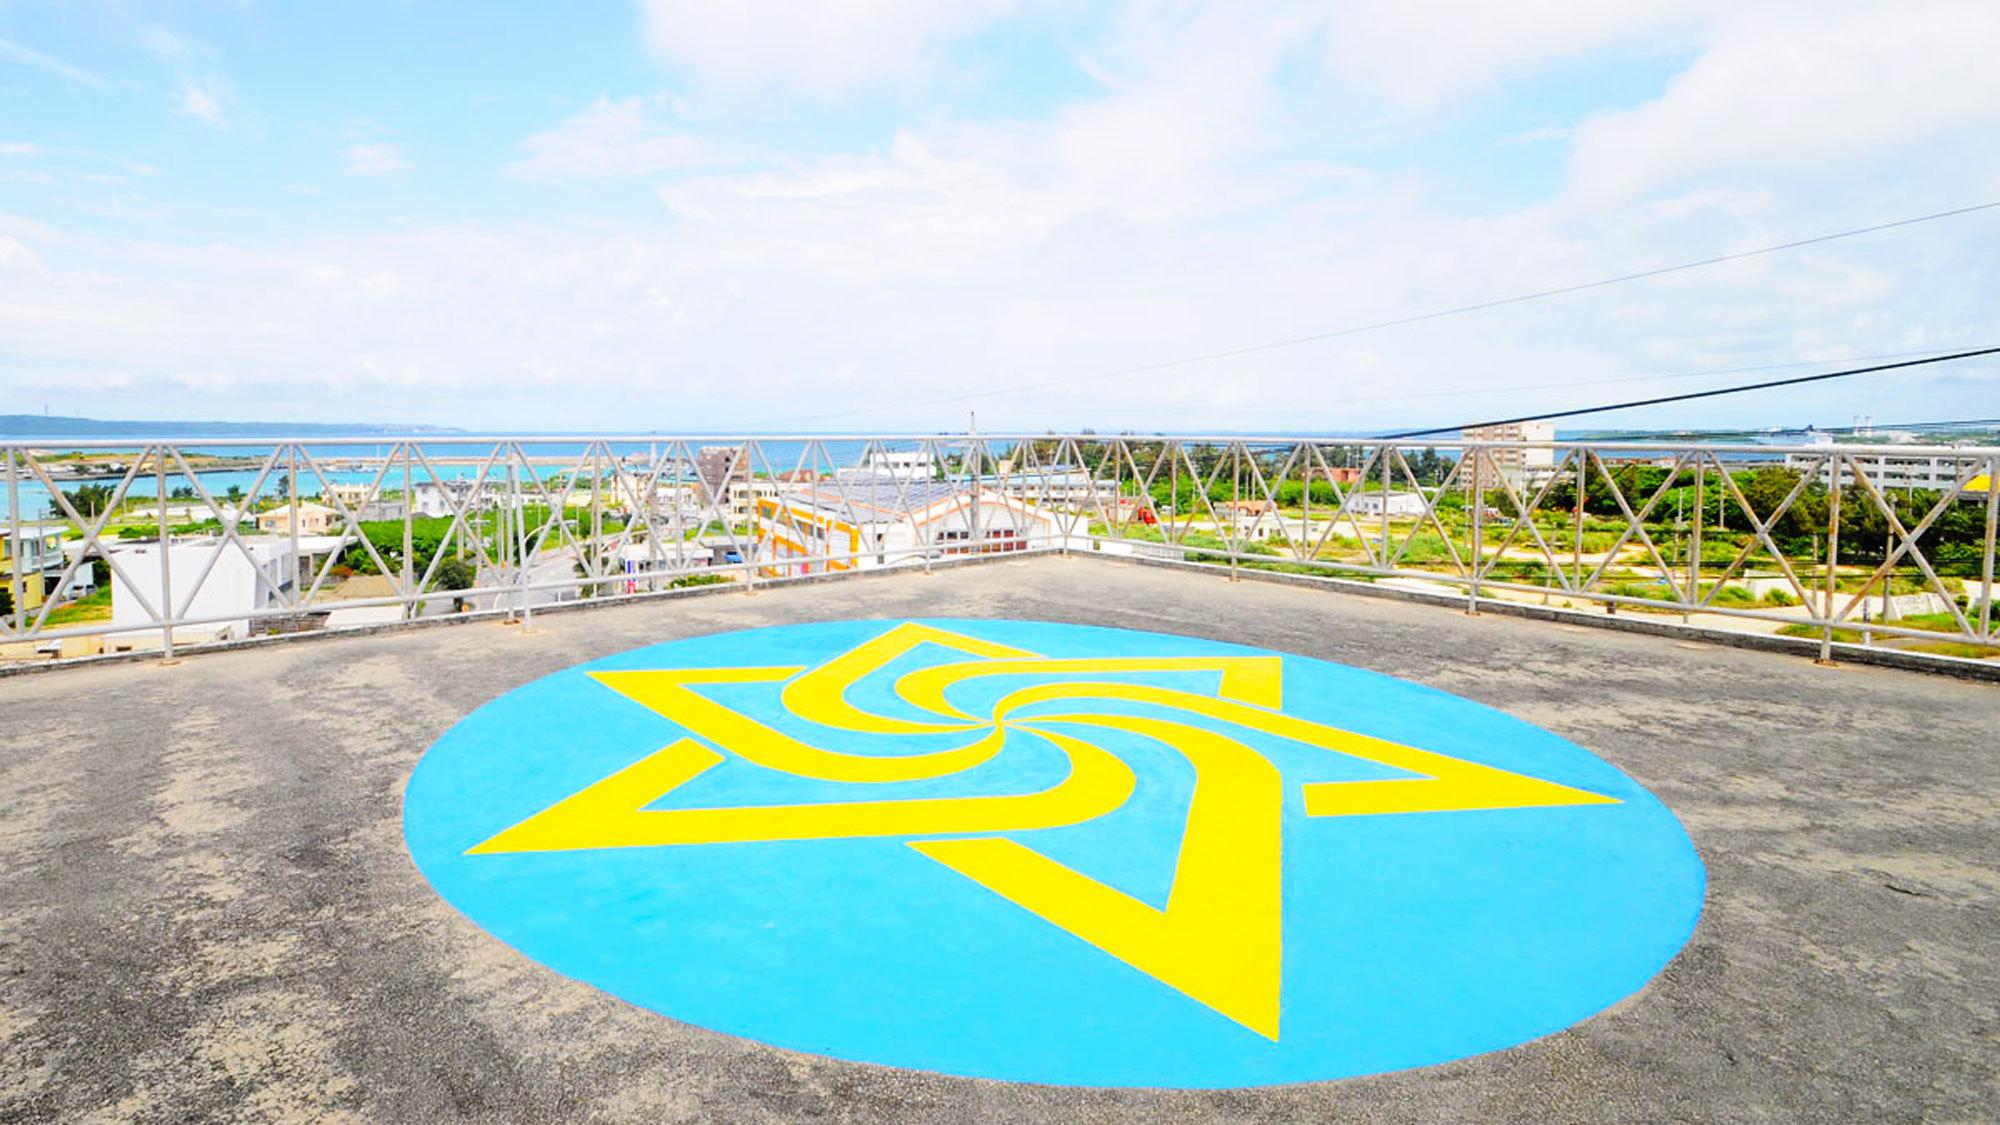 【屋上】ペンションMUの屋上には大きな目印が旅やダイビングで疲れた体を屋上の絶景で癒しませんか♪